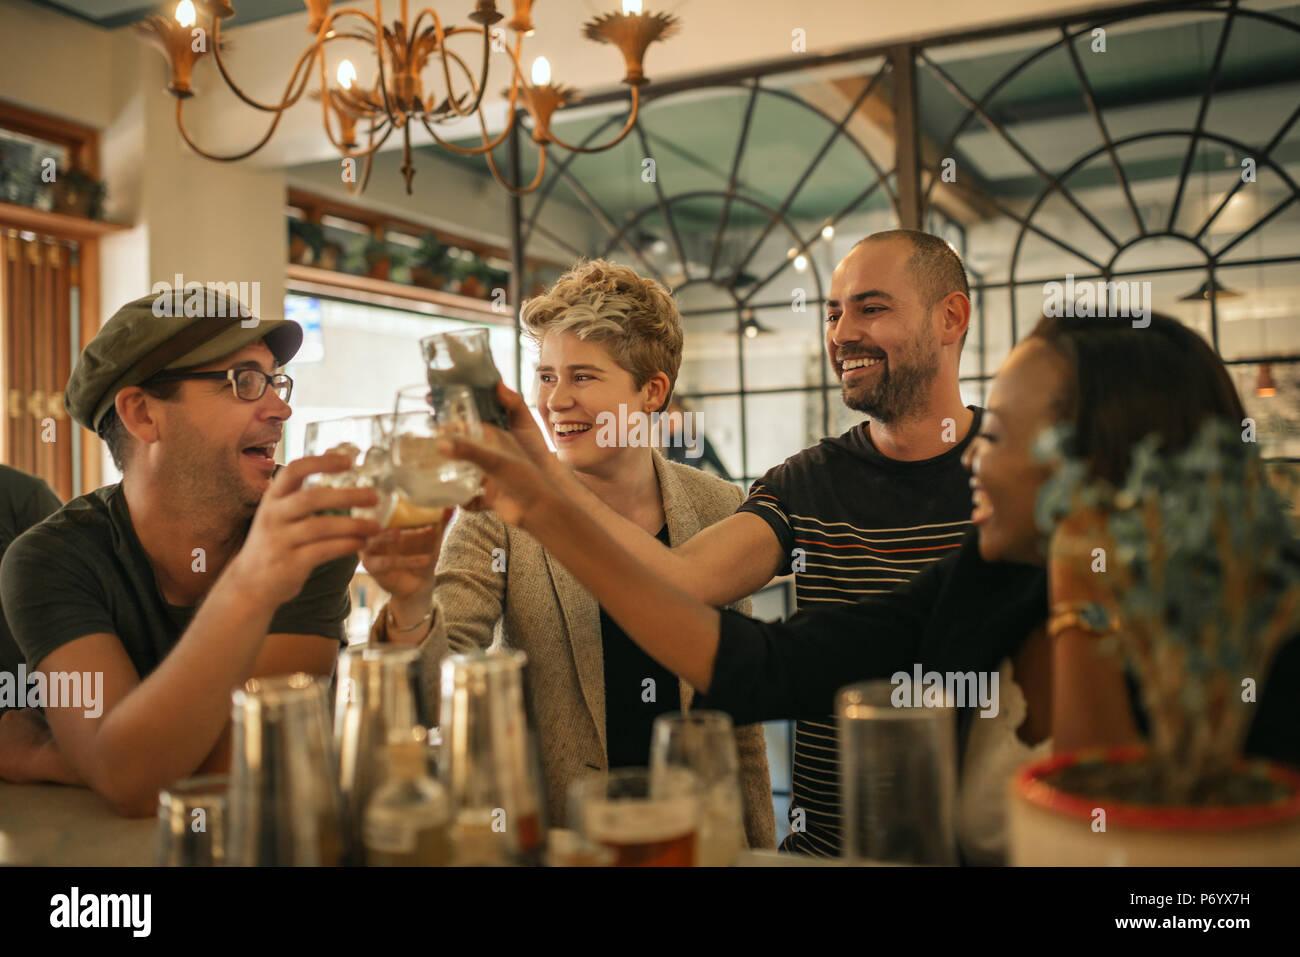 Gruppe von Freunden zujubeln mit Getränken in einer angesagten Bar Stockbild